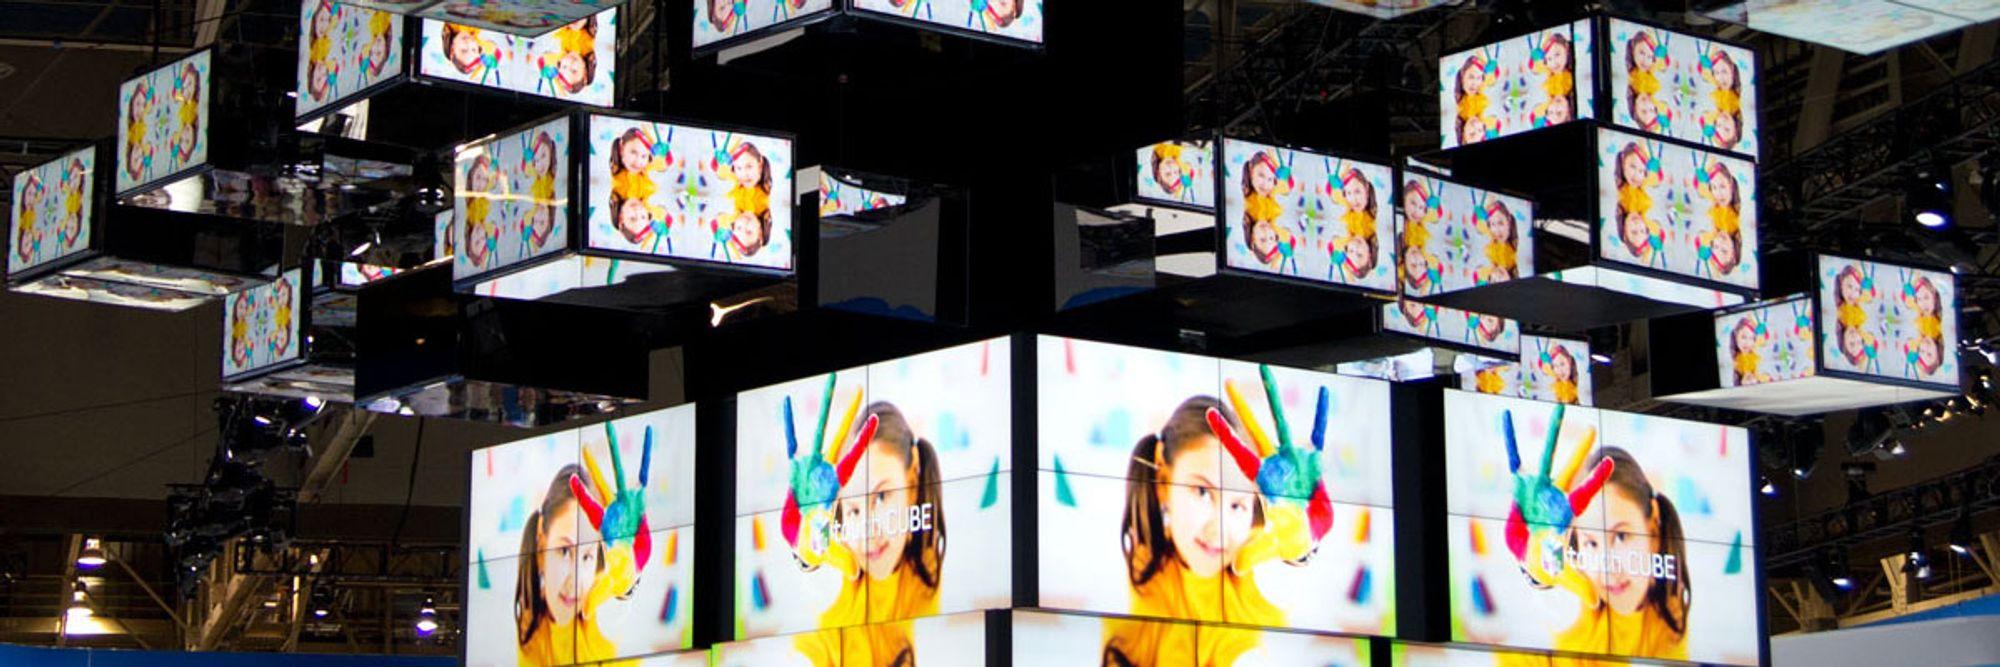 Les Fra digre berøringsskjermer til 3D-briller